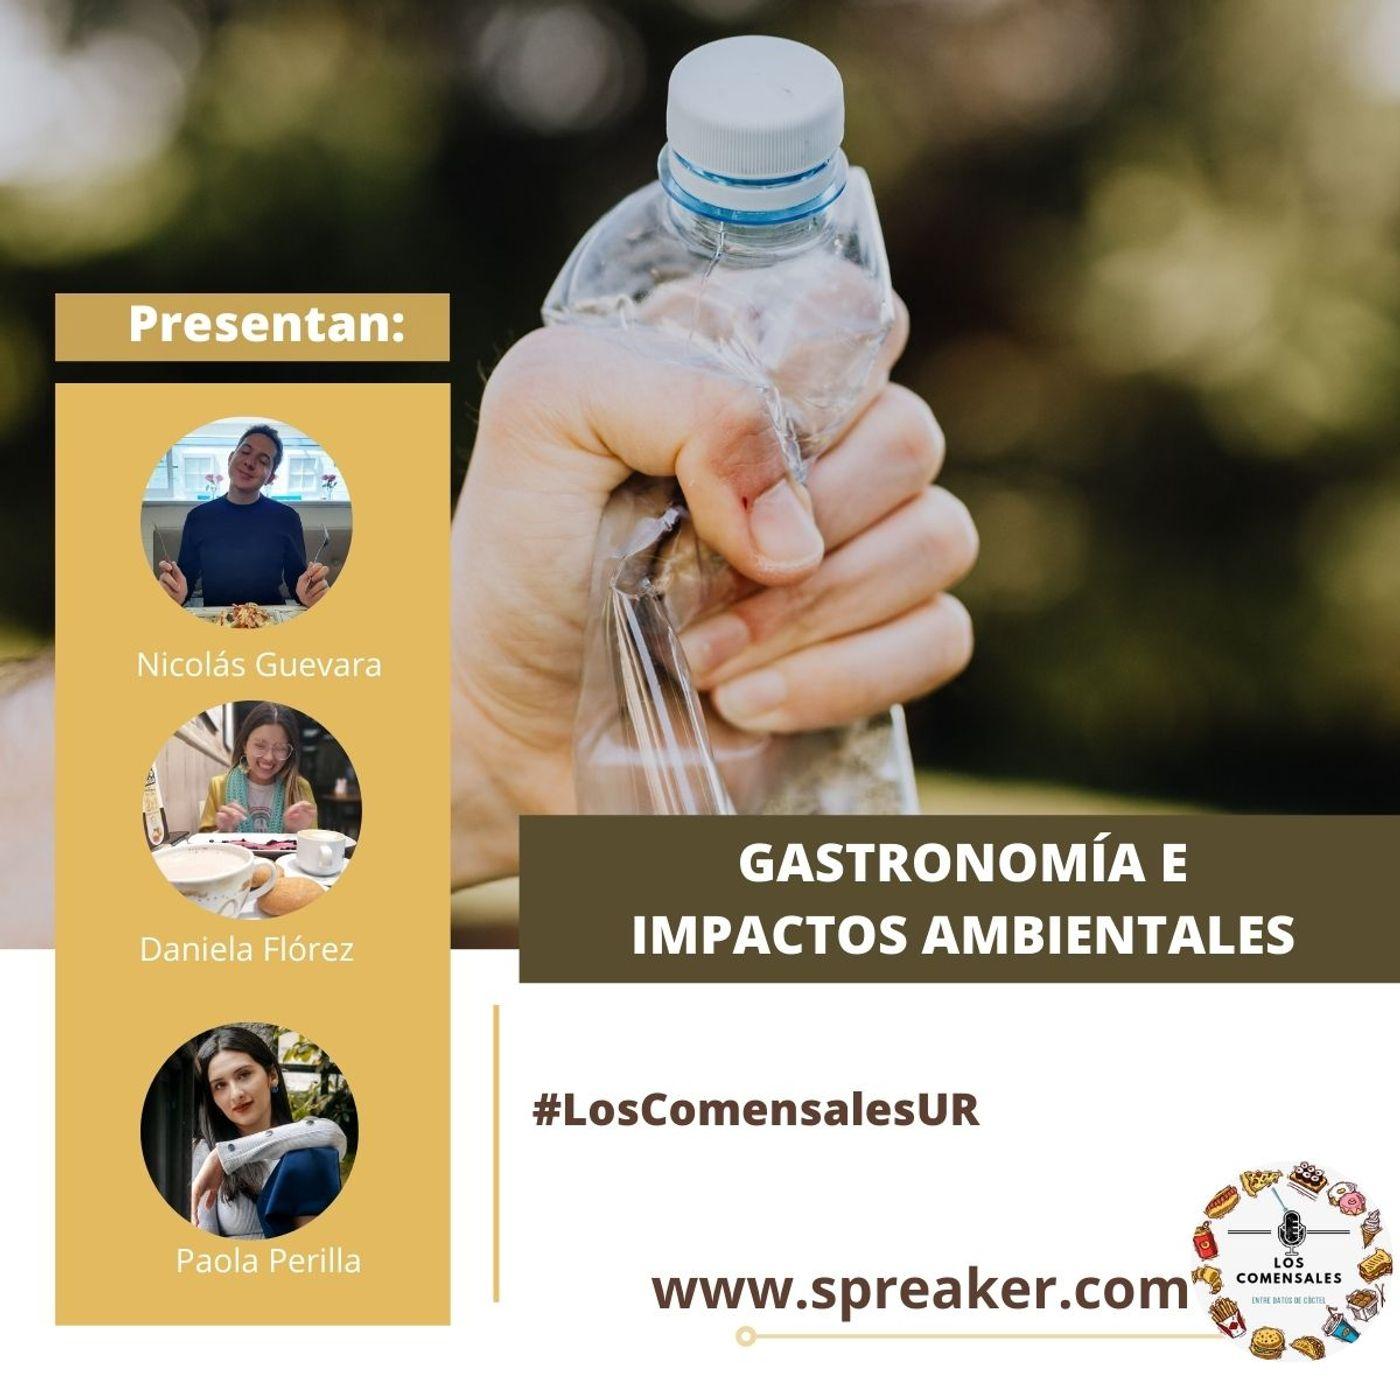 Gastronomía e impactos ambientales